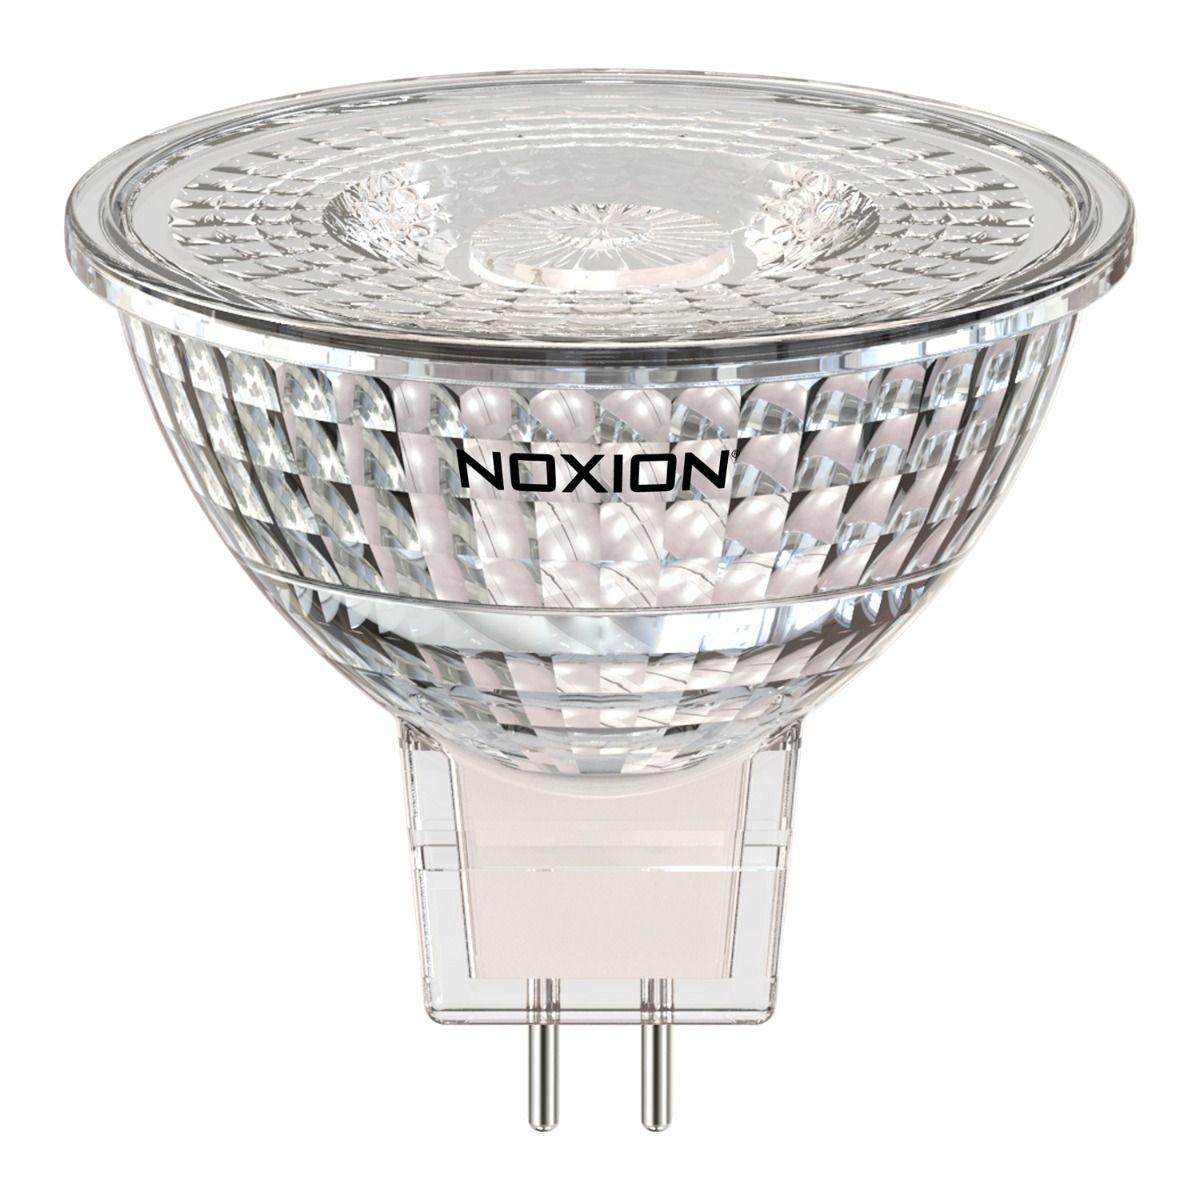 Noxion LED Kohdevalaisin GU5.3 5W 830 36D 470lm   Himmennettävä - Lämmin Valkoinen - Korvaa 35W